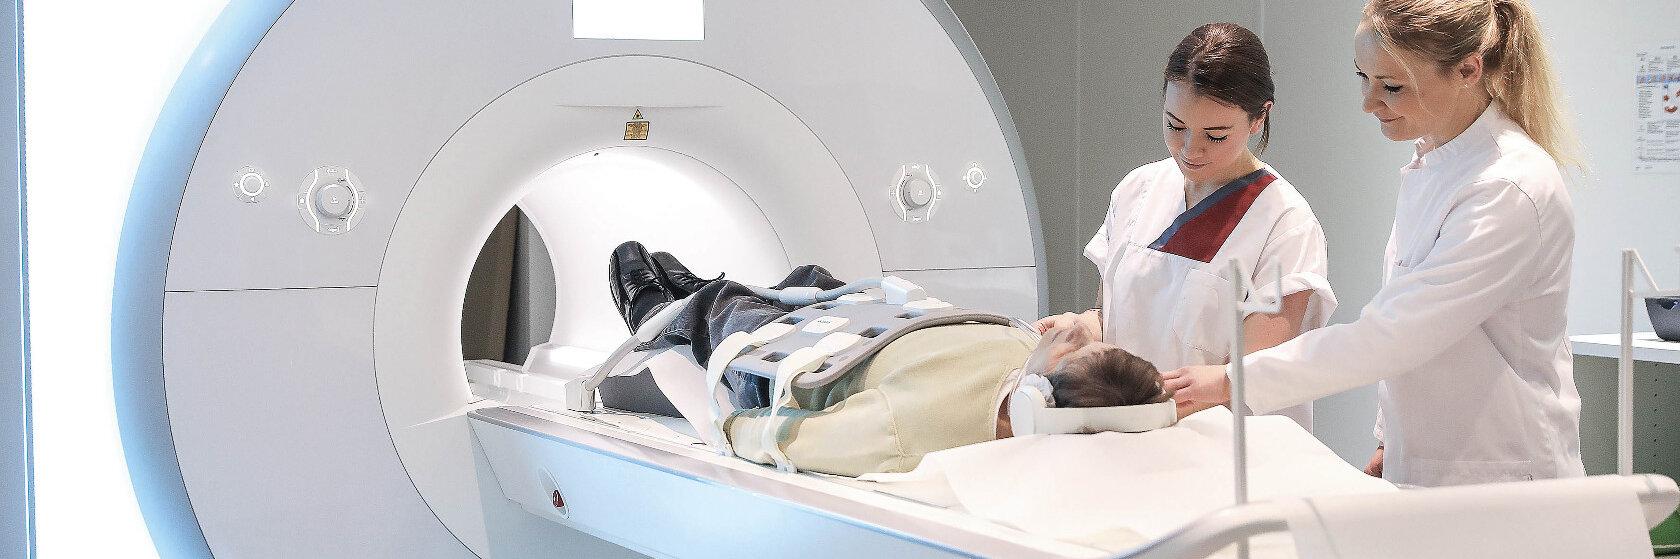 Mitarbeiterinnen der Johanniter GmbH führen eine Kernspintomographie durch.